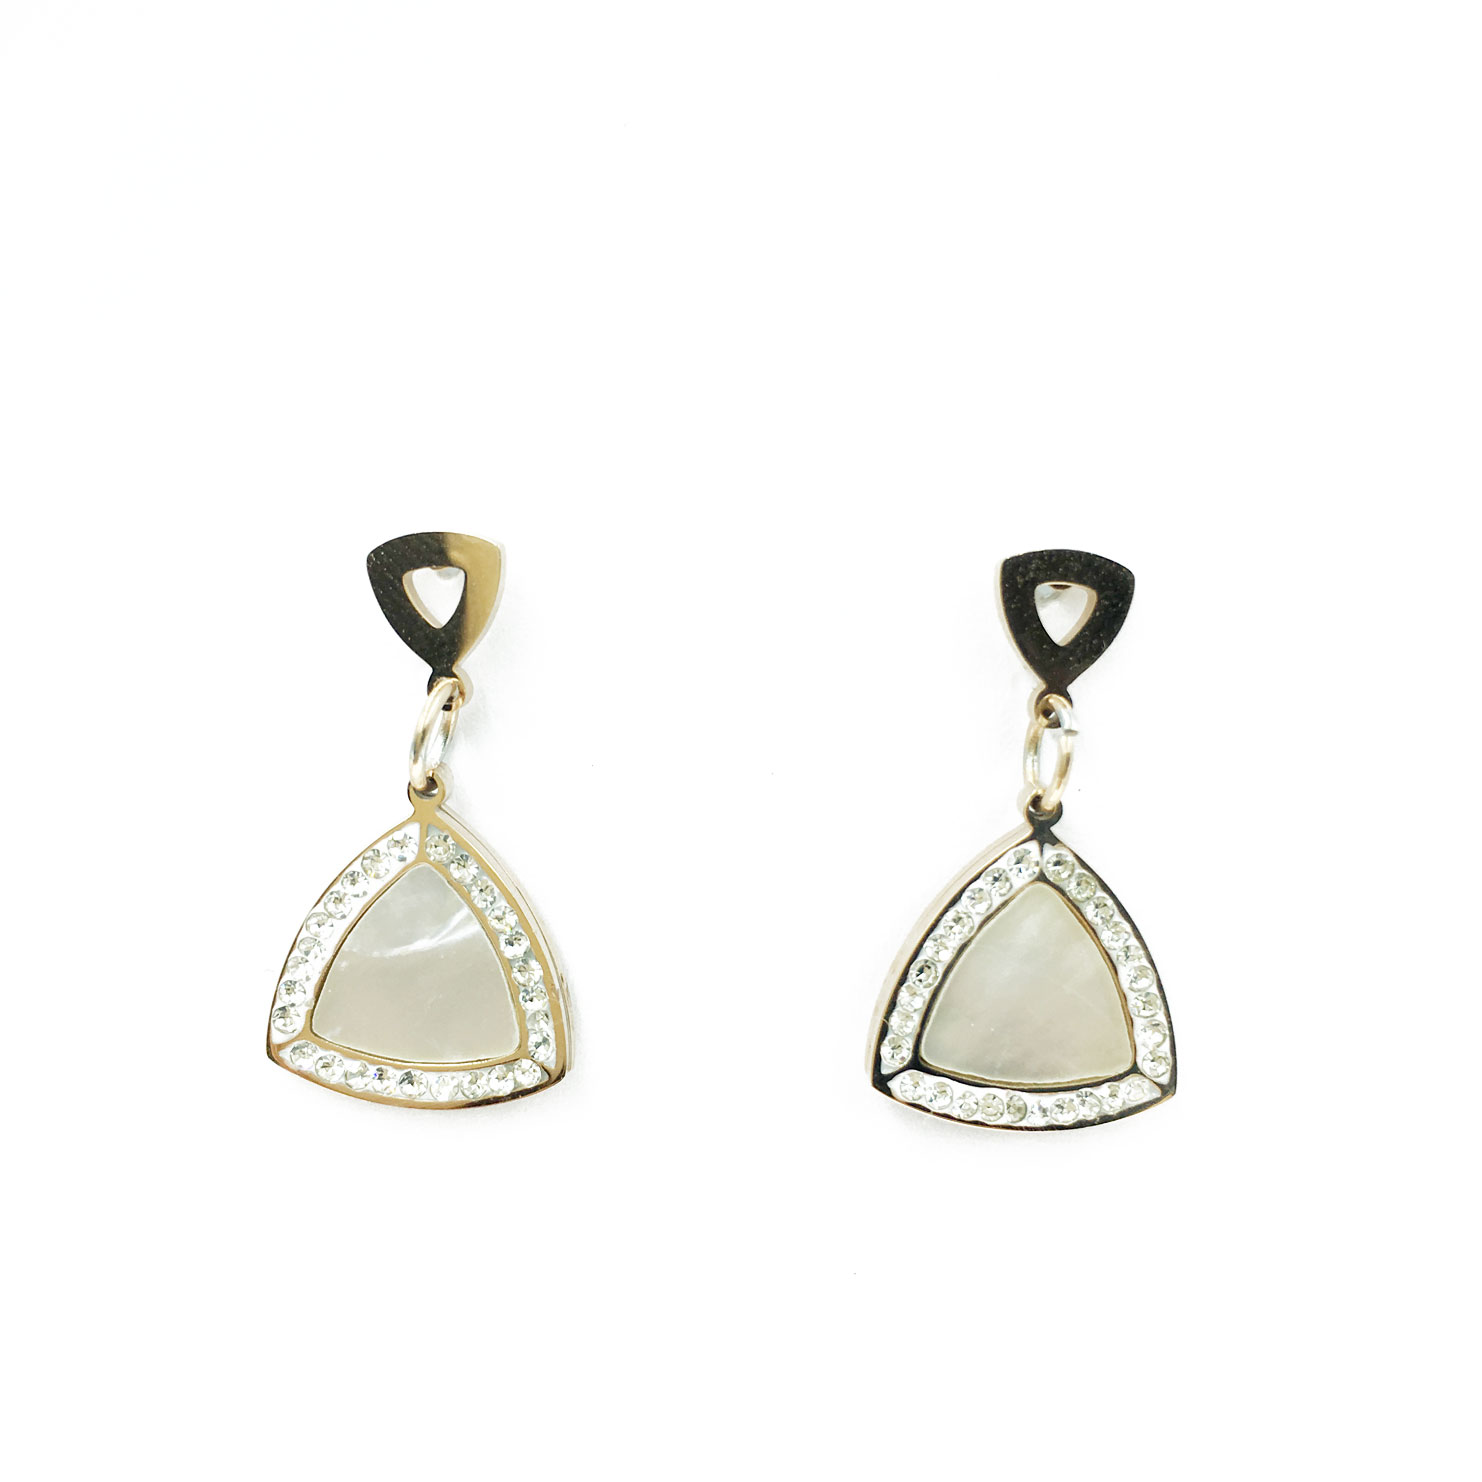 韓國 不銹鋼 水鑽 大理石 三角形 垂墜感 耳針式 耳環